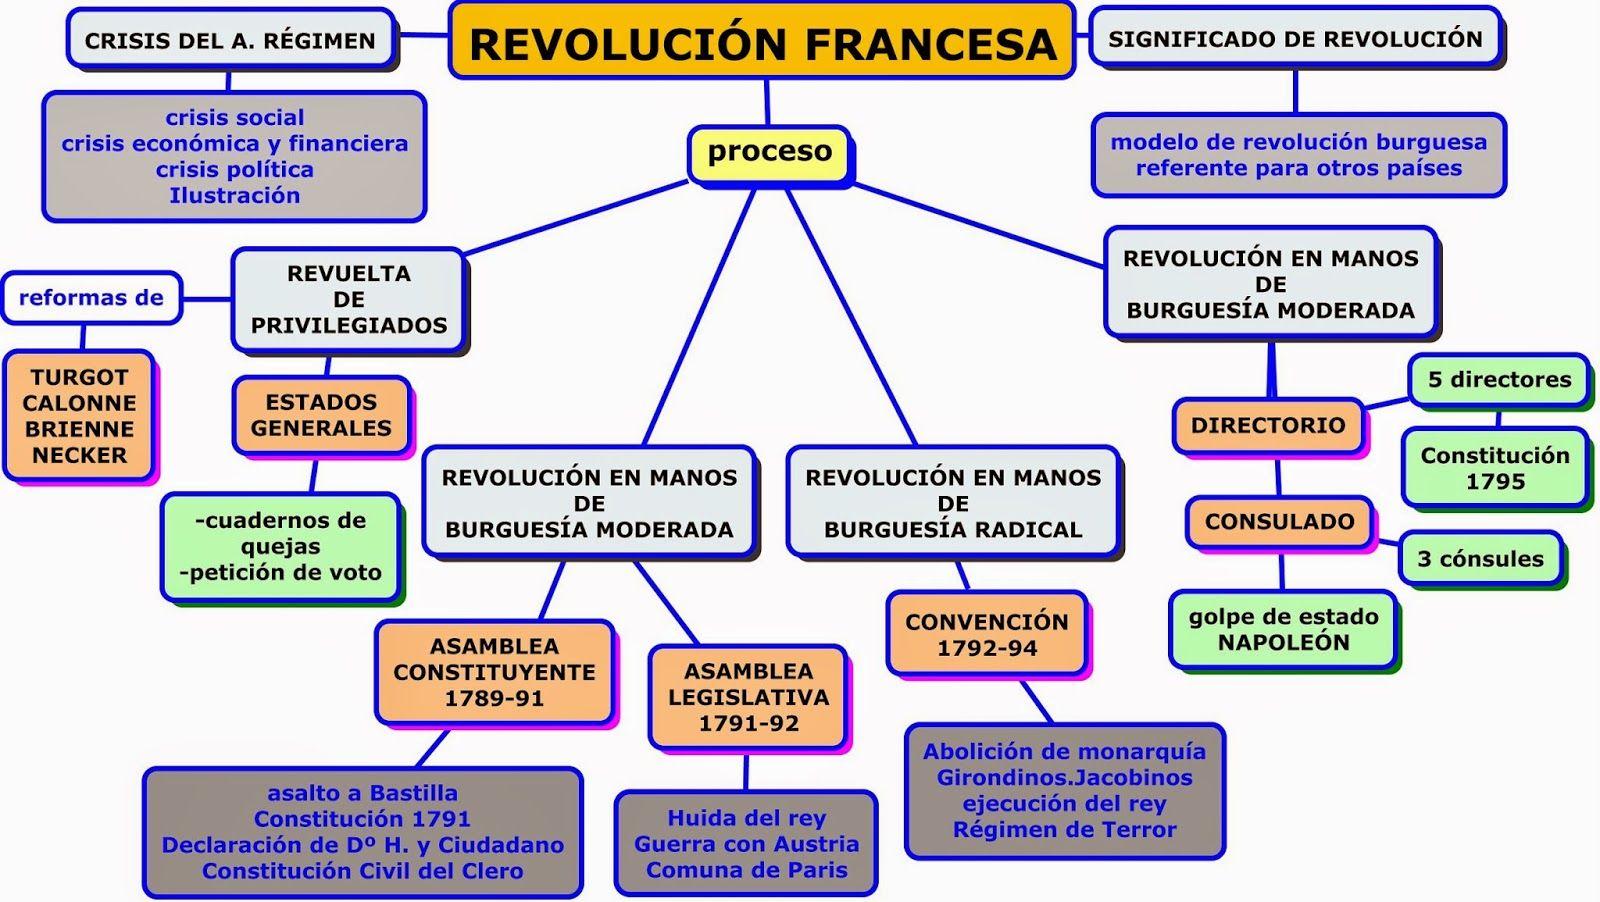 Un esquema m s sobre las etapas de la Revoluci n francesa